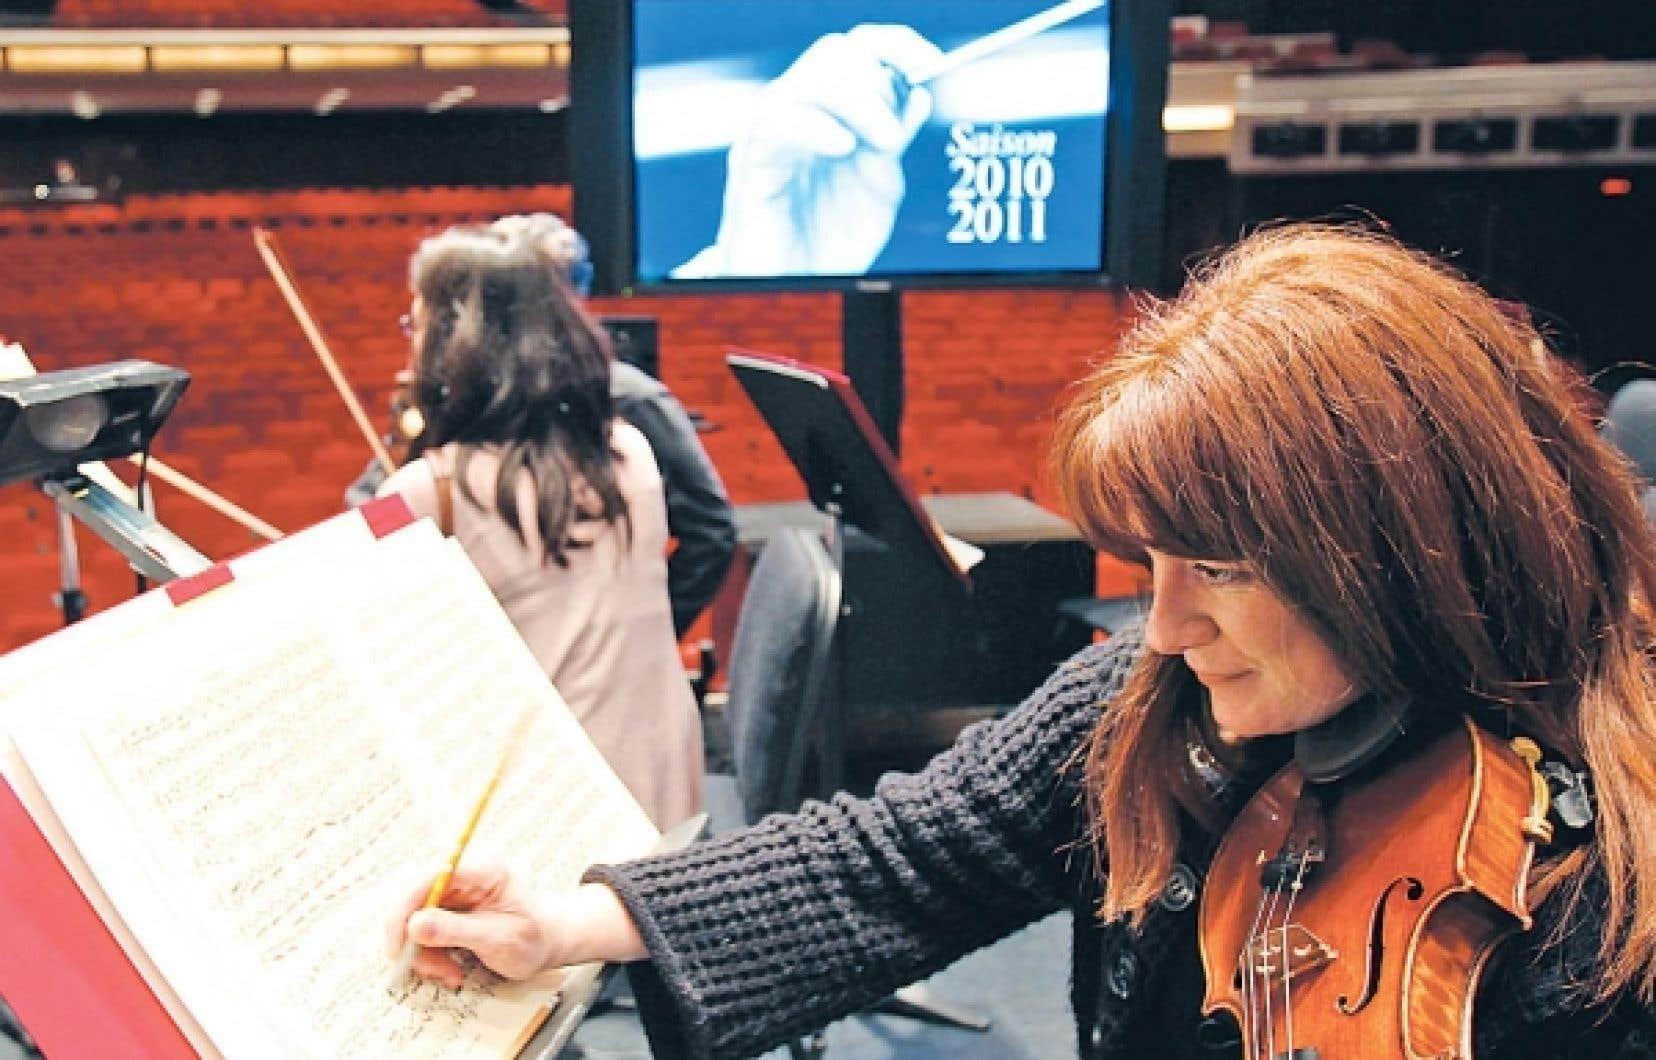 L'Orchestre symphonique de Montréal entame une saison historique en 2010-2011, puisque ce sera sa dernière à la salle Wilfrid-Pelletier de la Place des Arts. En effet, l'Adresse symphonique, la nouvelle salle de l'OSM, devrait être prête pour la saison 2011-2012.